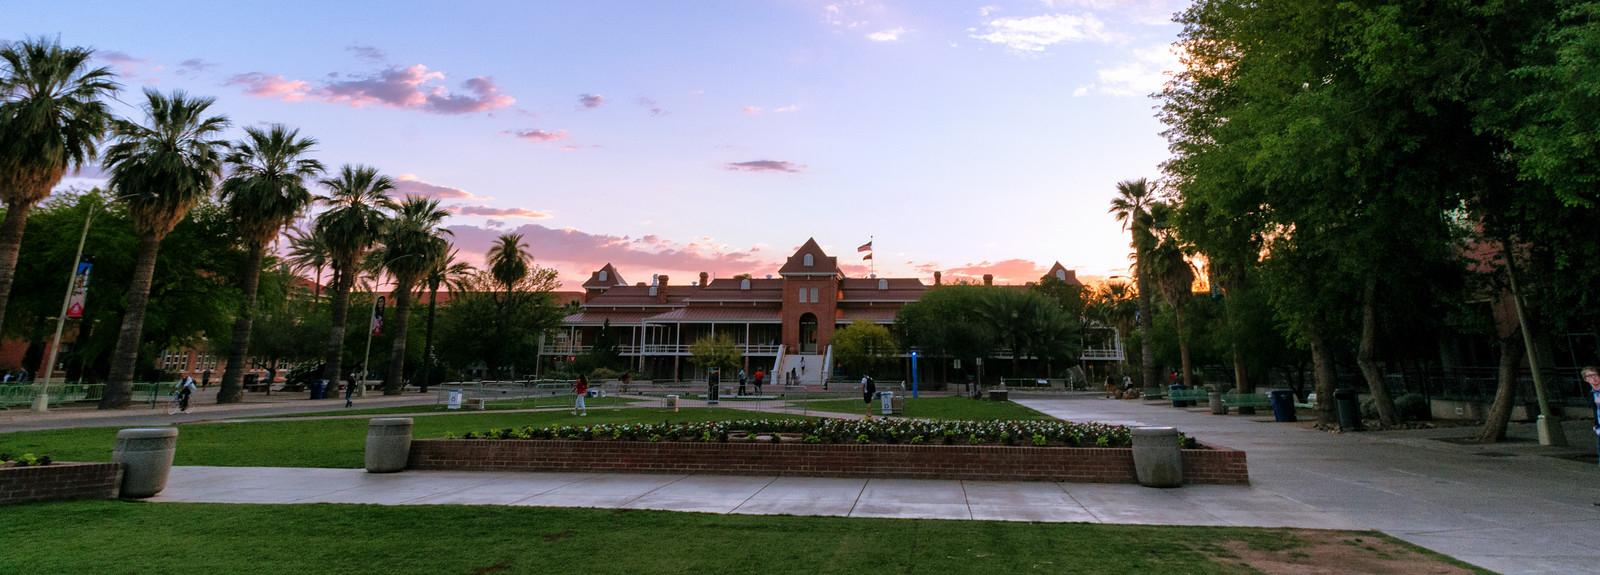 OLC-Collaborate-Conference-Tuscon-Arizona